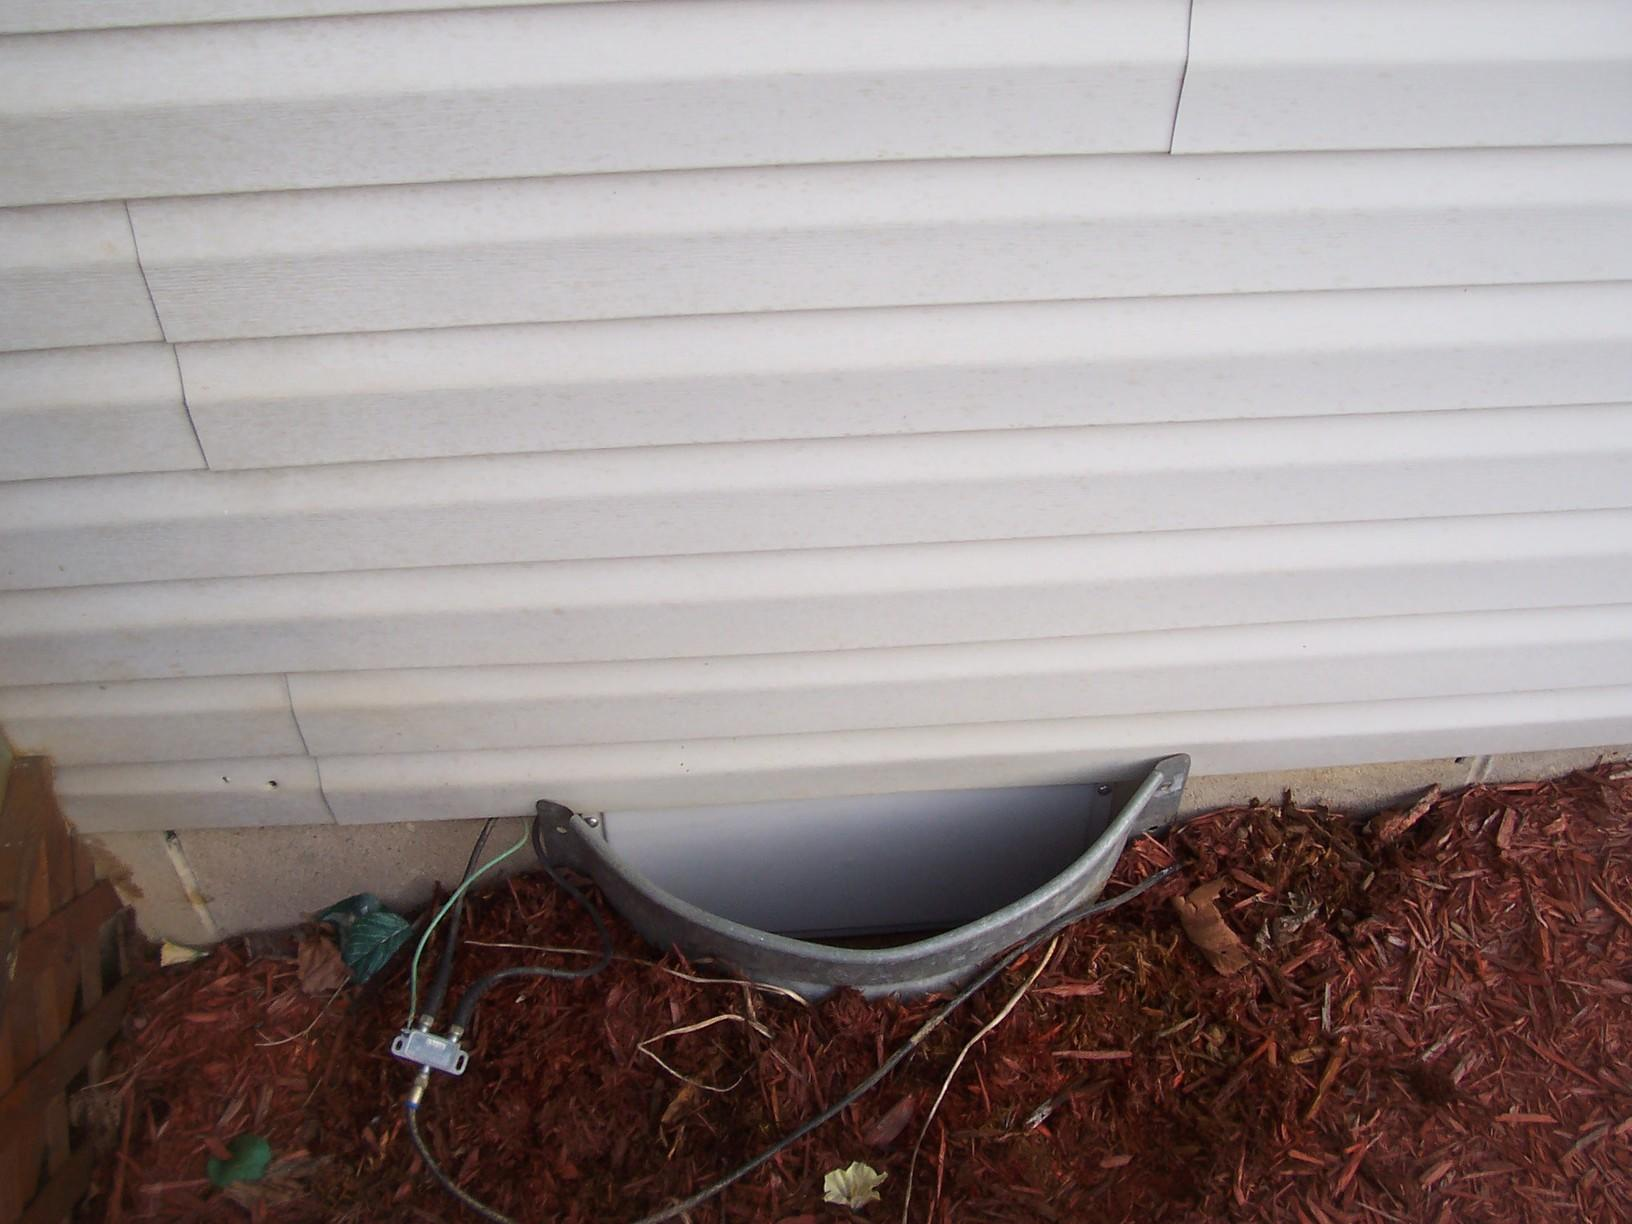 EverLast Door Seals Crawl Space in Lost Creek, WV. - After Photo